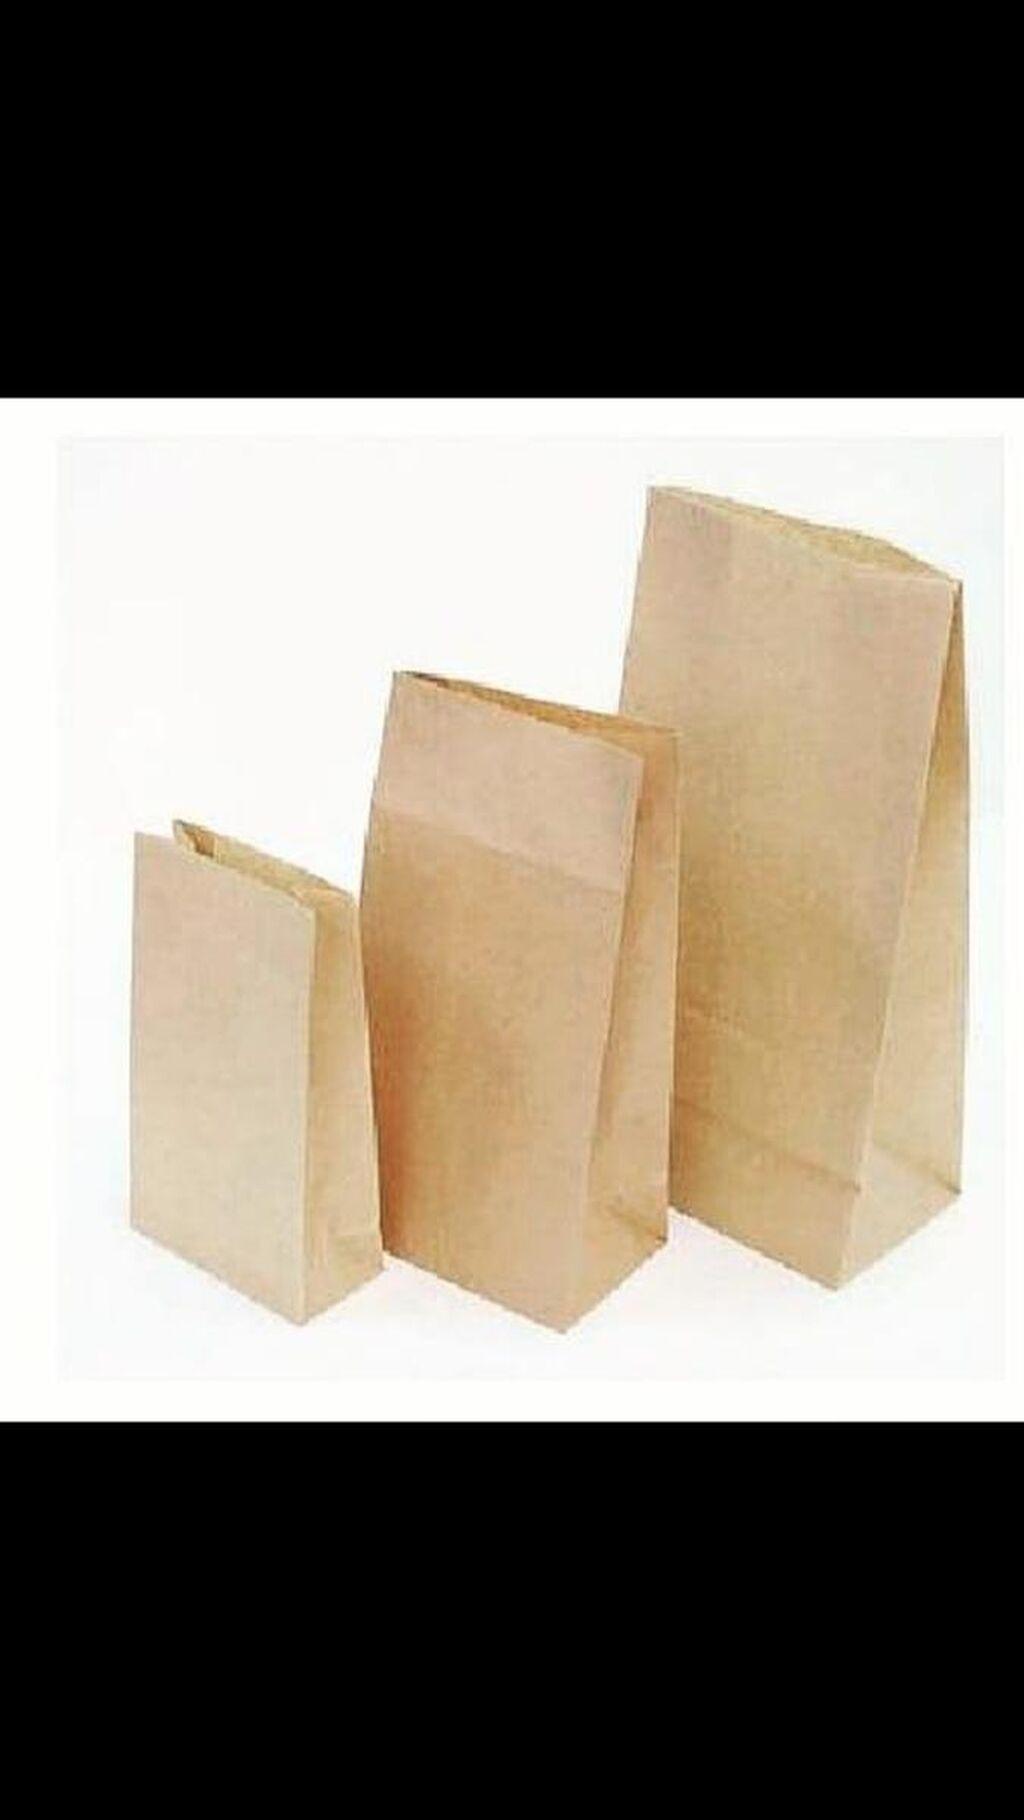 Продаю эко-пакеты. Бумажные пакеты. Отдам дешего